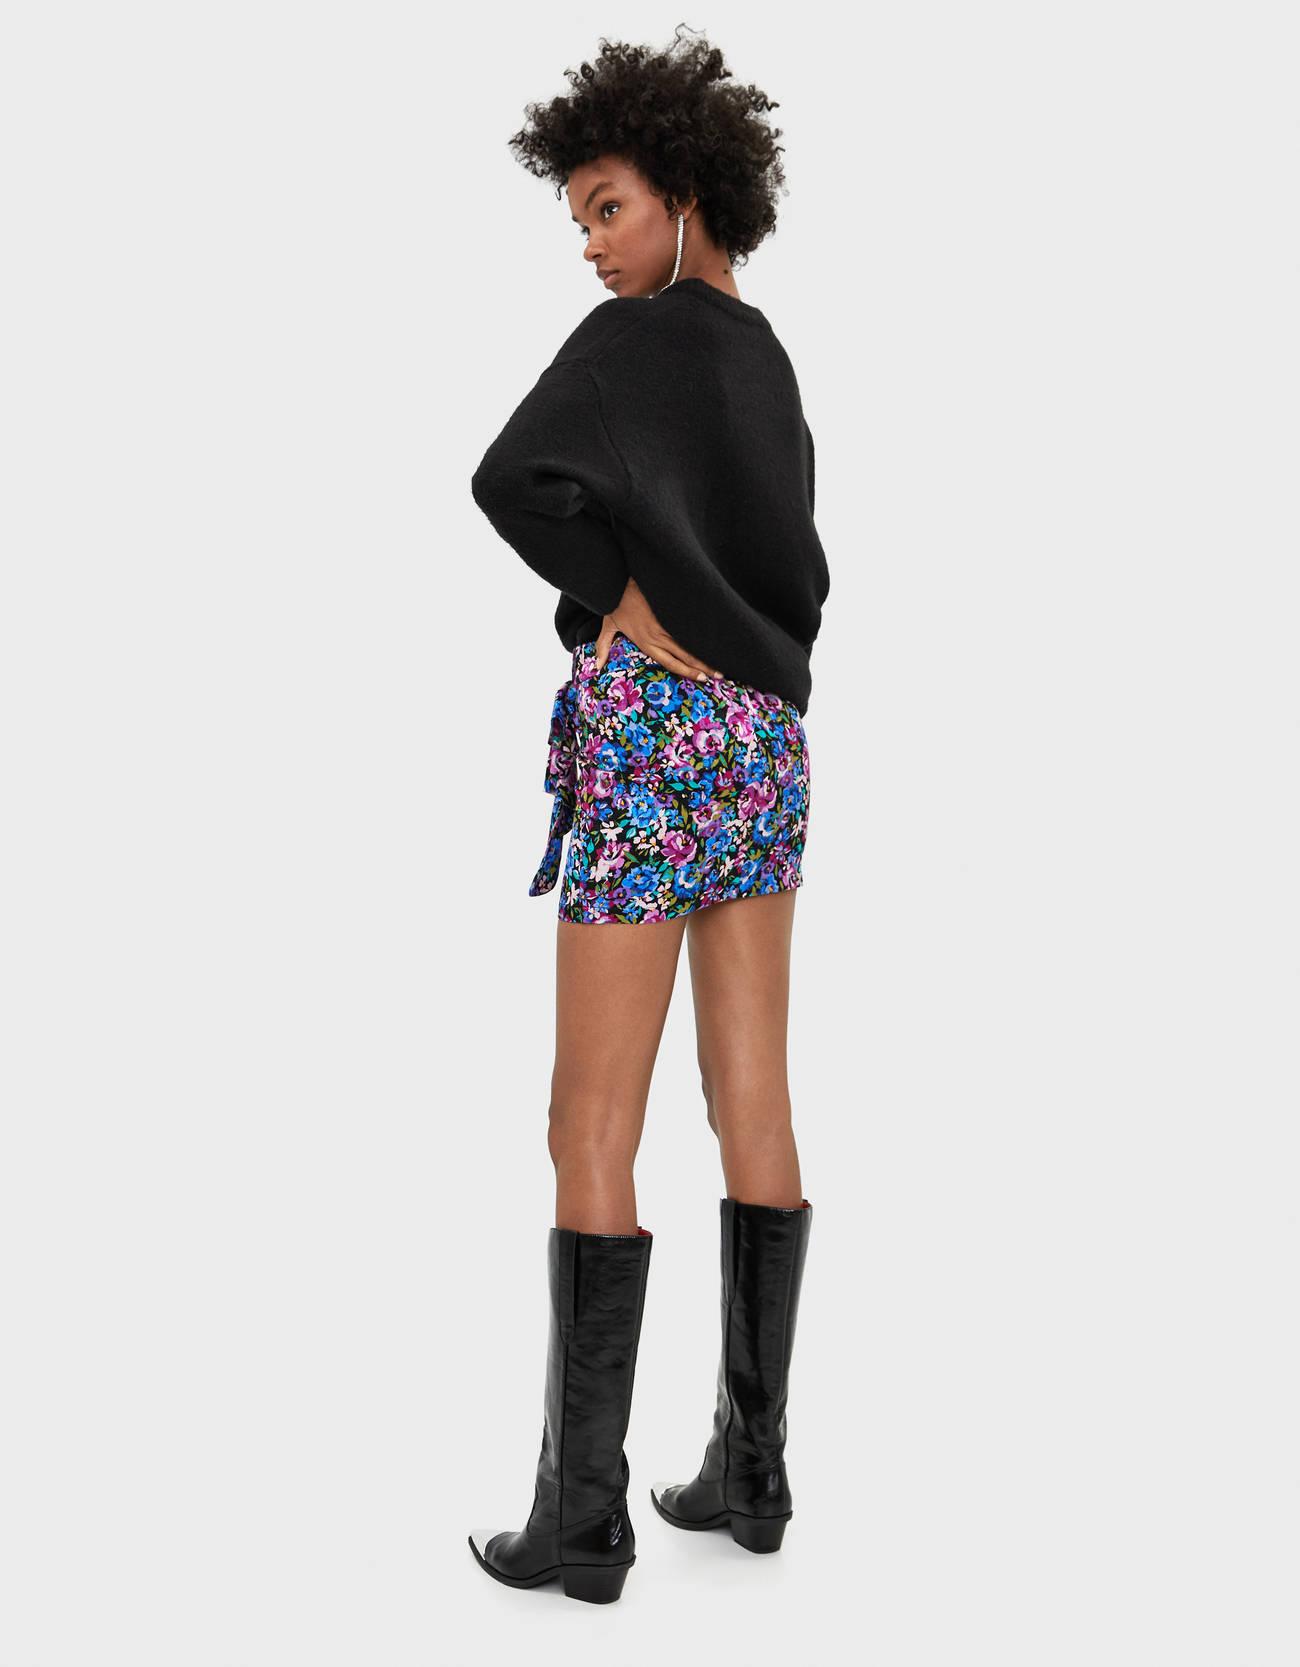 Короткая юбка с цветочным принтом Фуксия Bershka